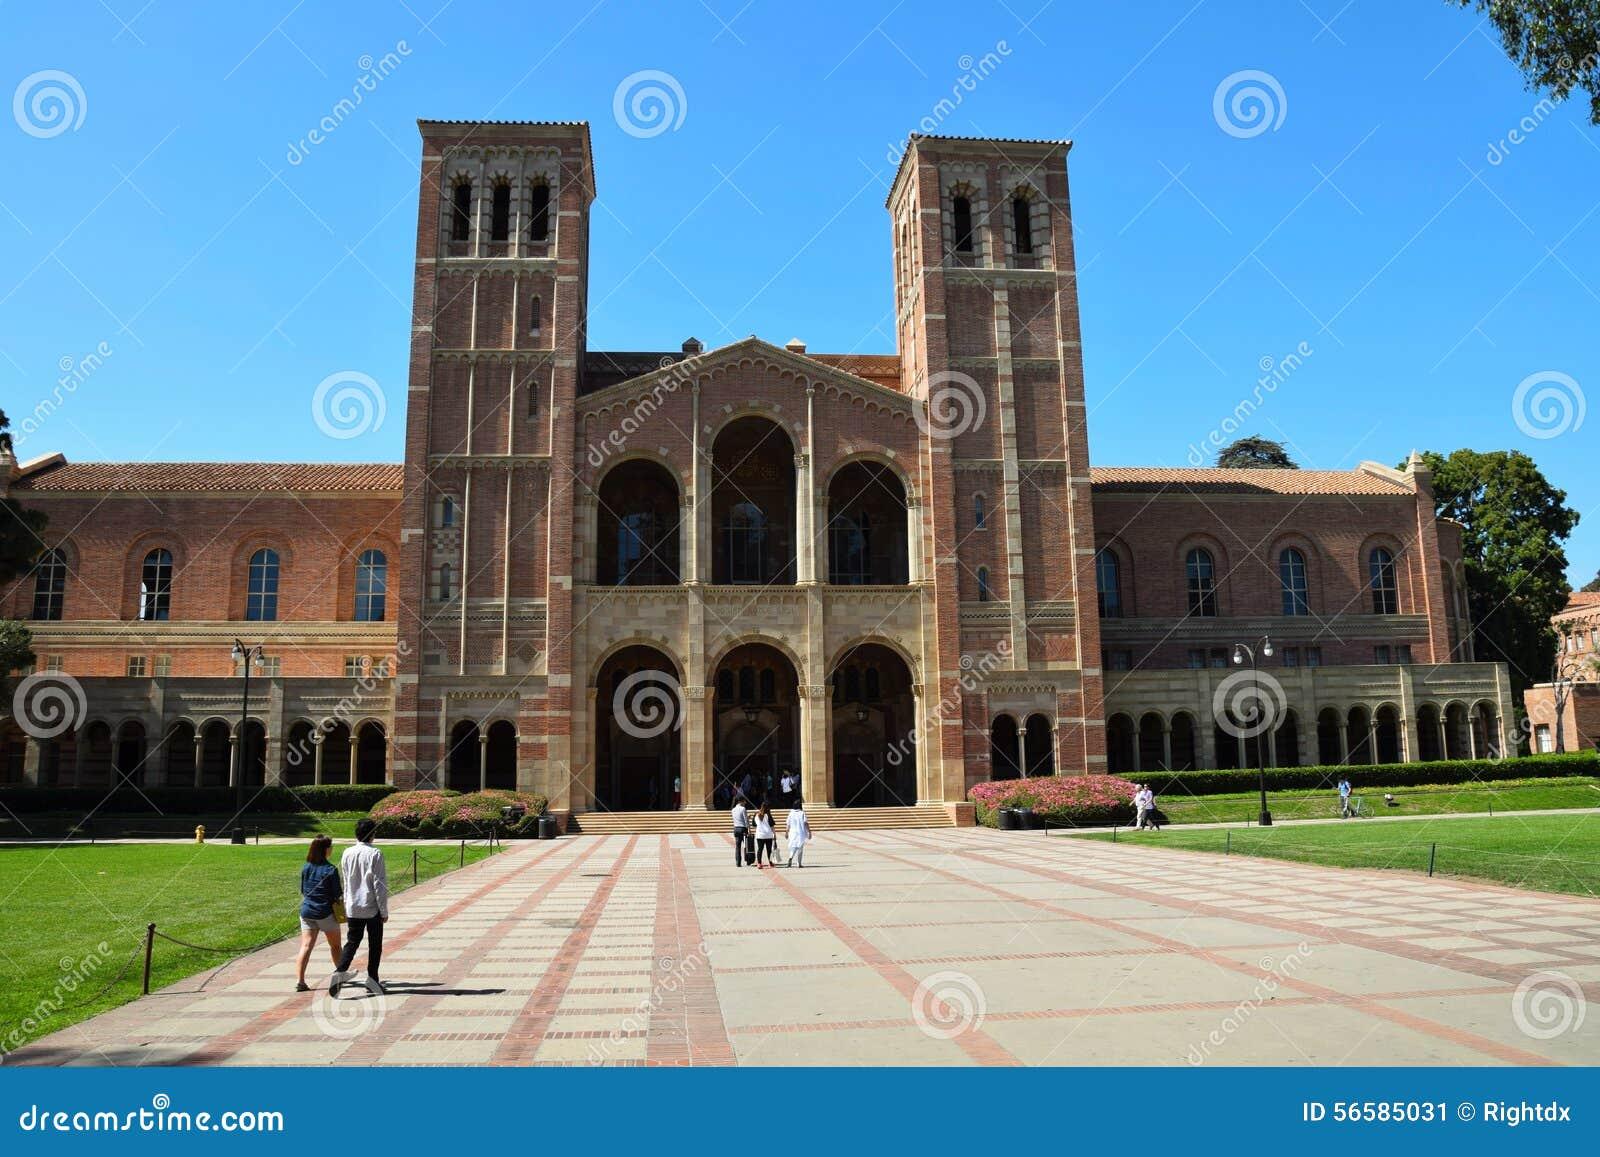 University Of California Los Angeles Campus Tour